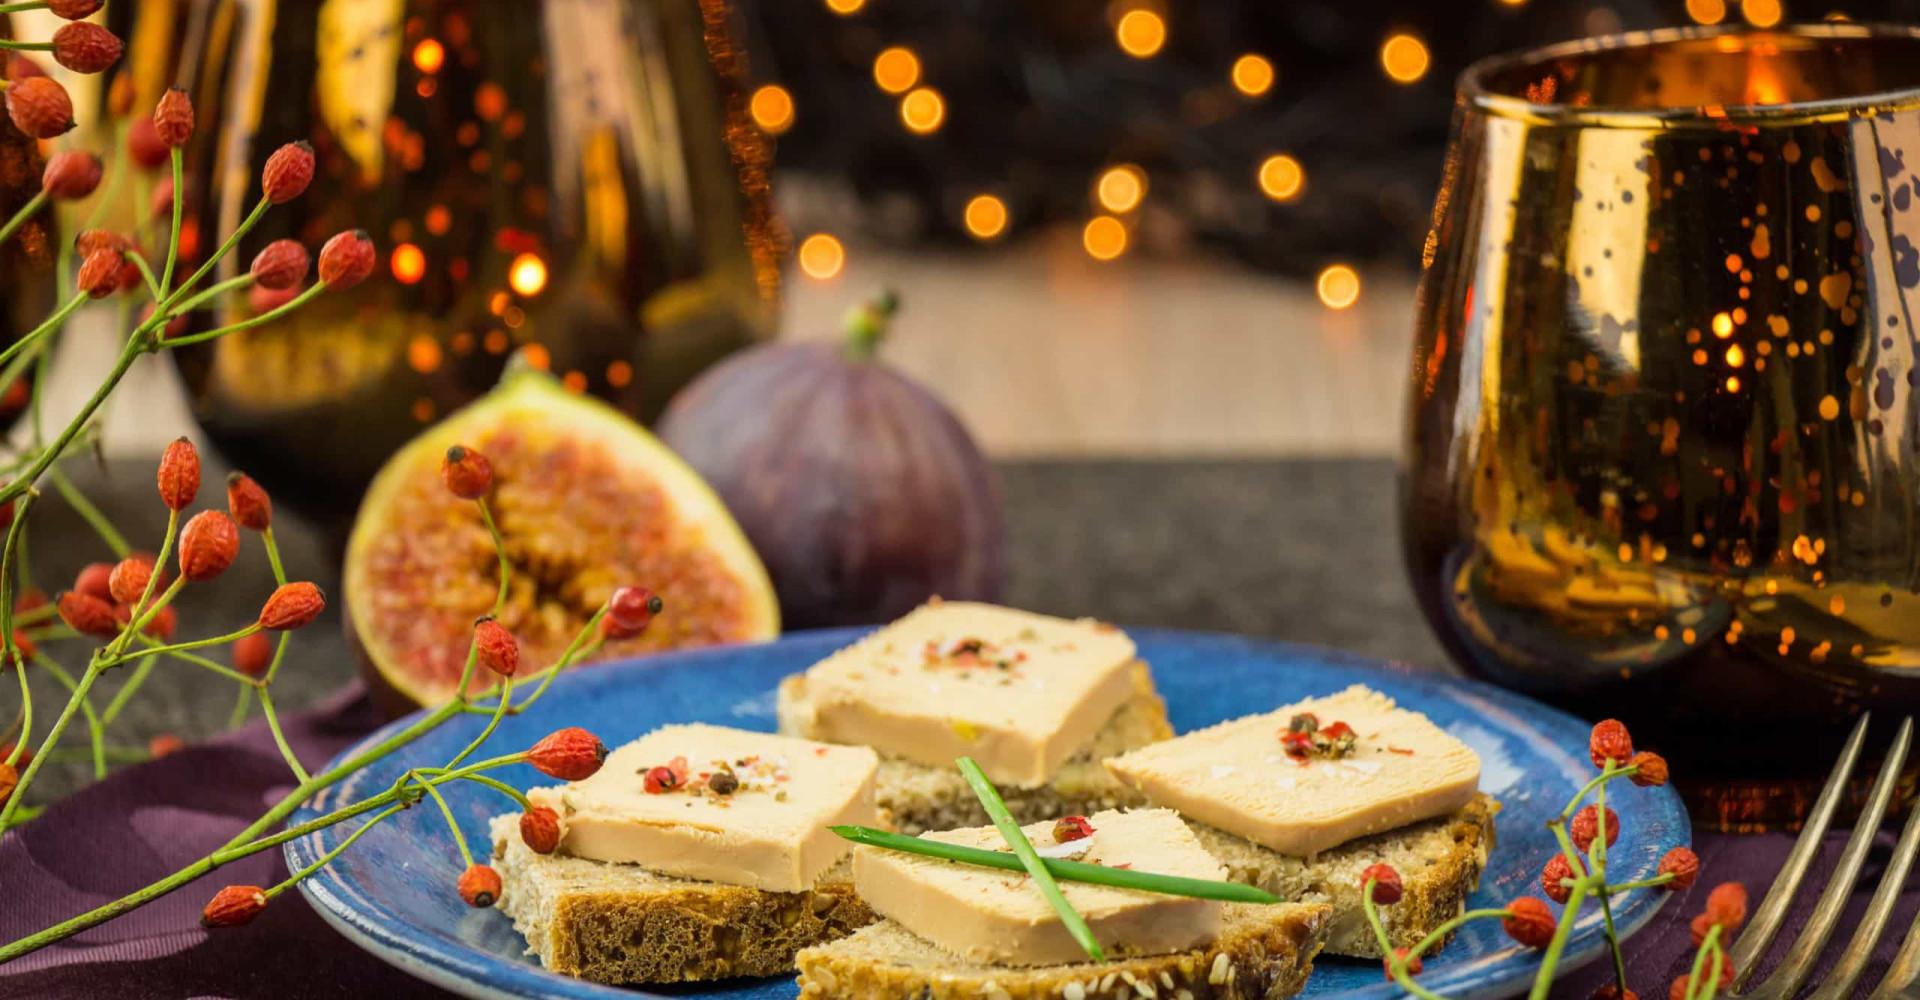 Repas de fêtes: invitez la France dans votre assiette!